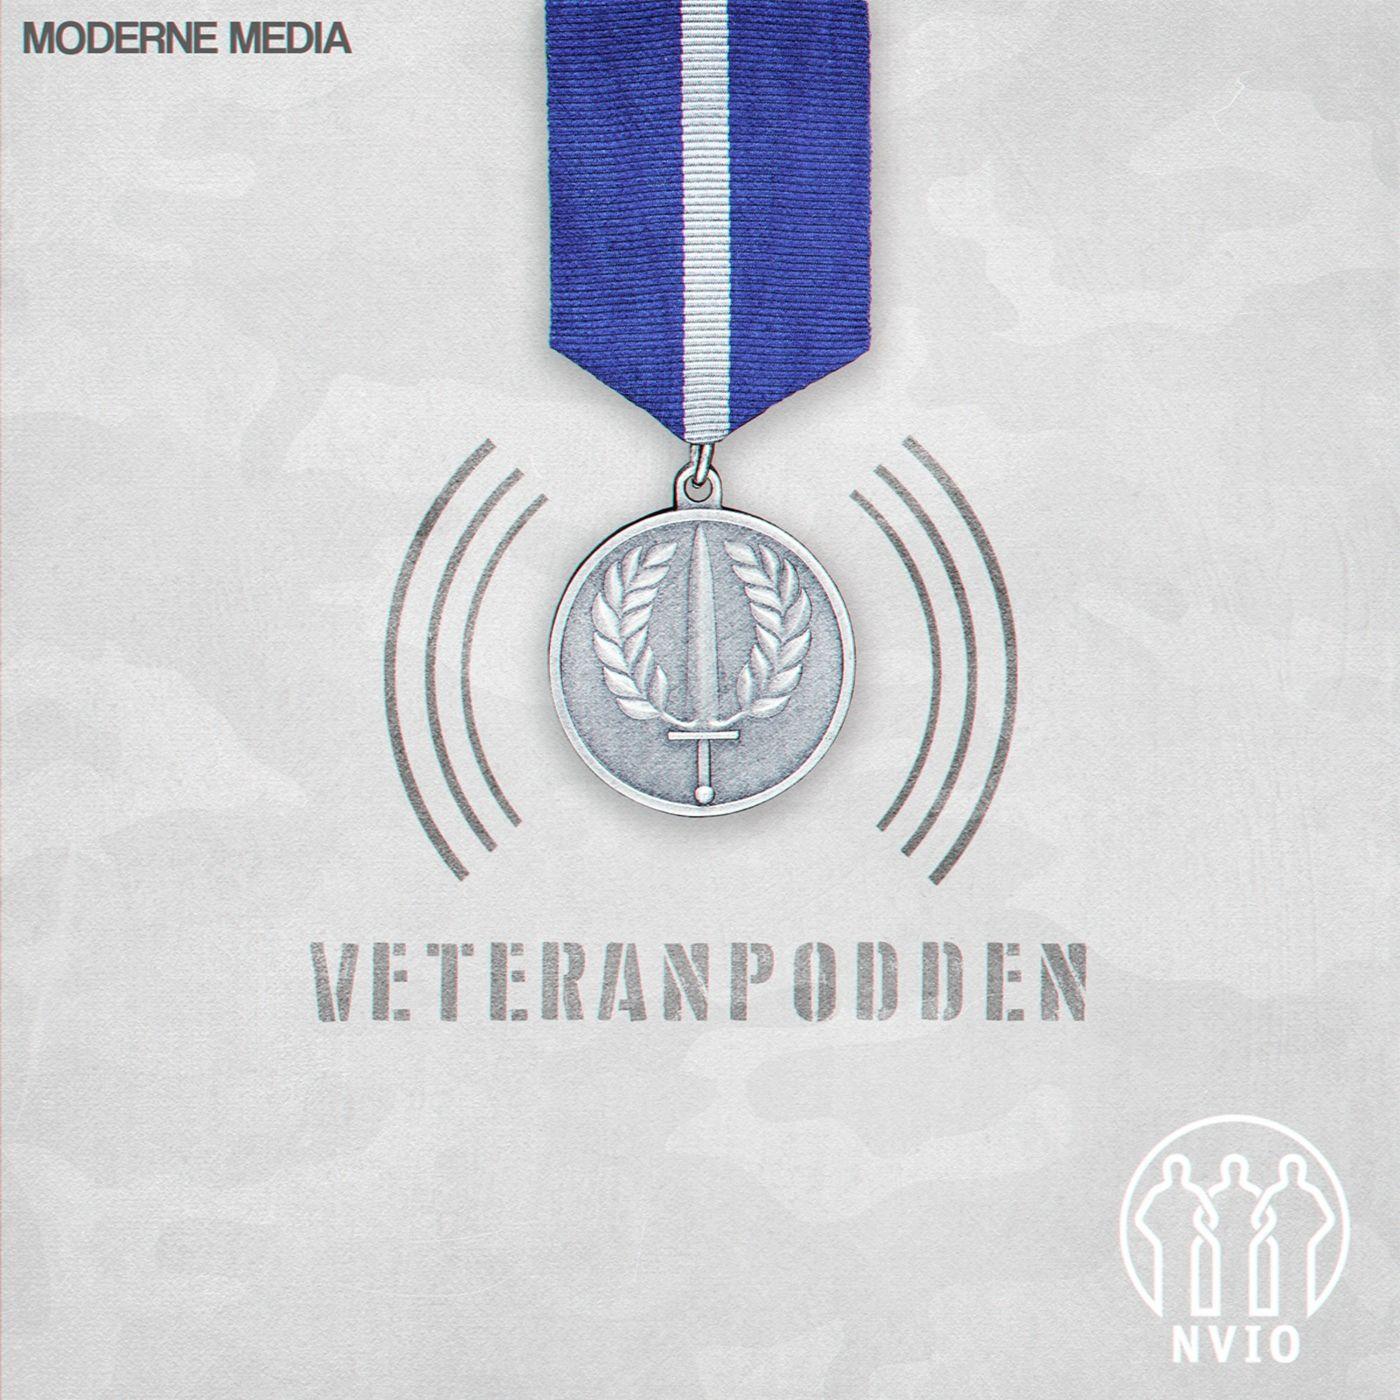 Veteranpodden